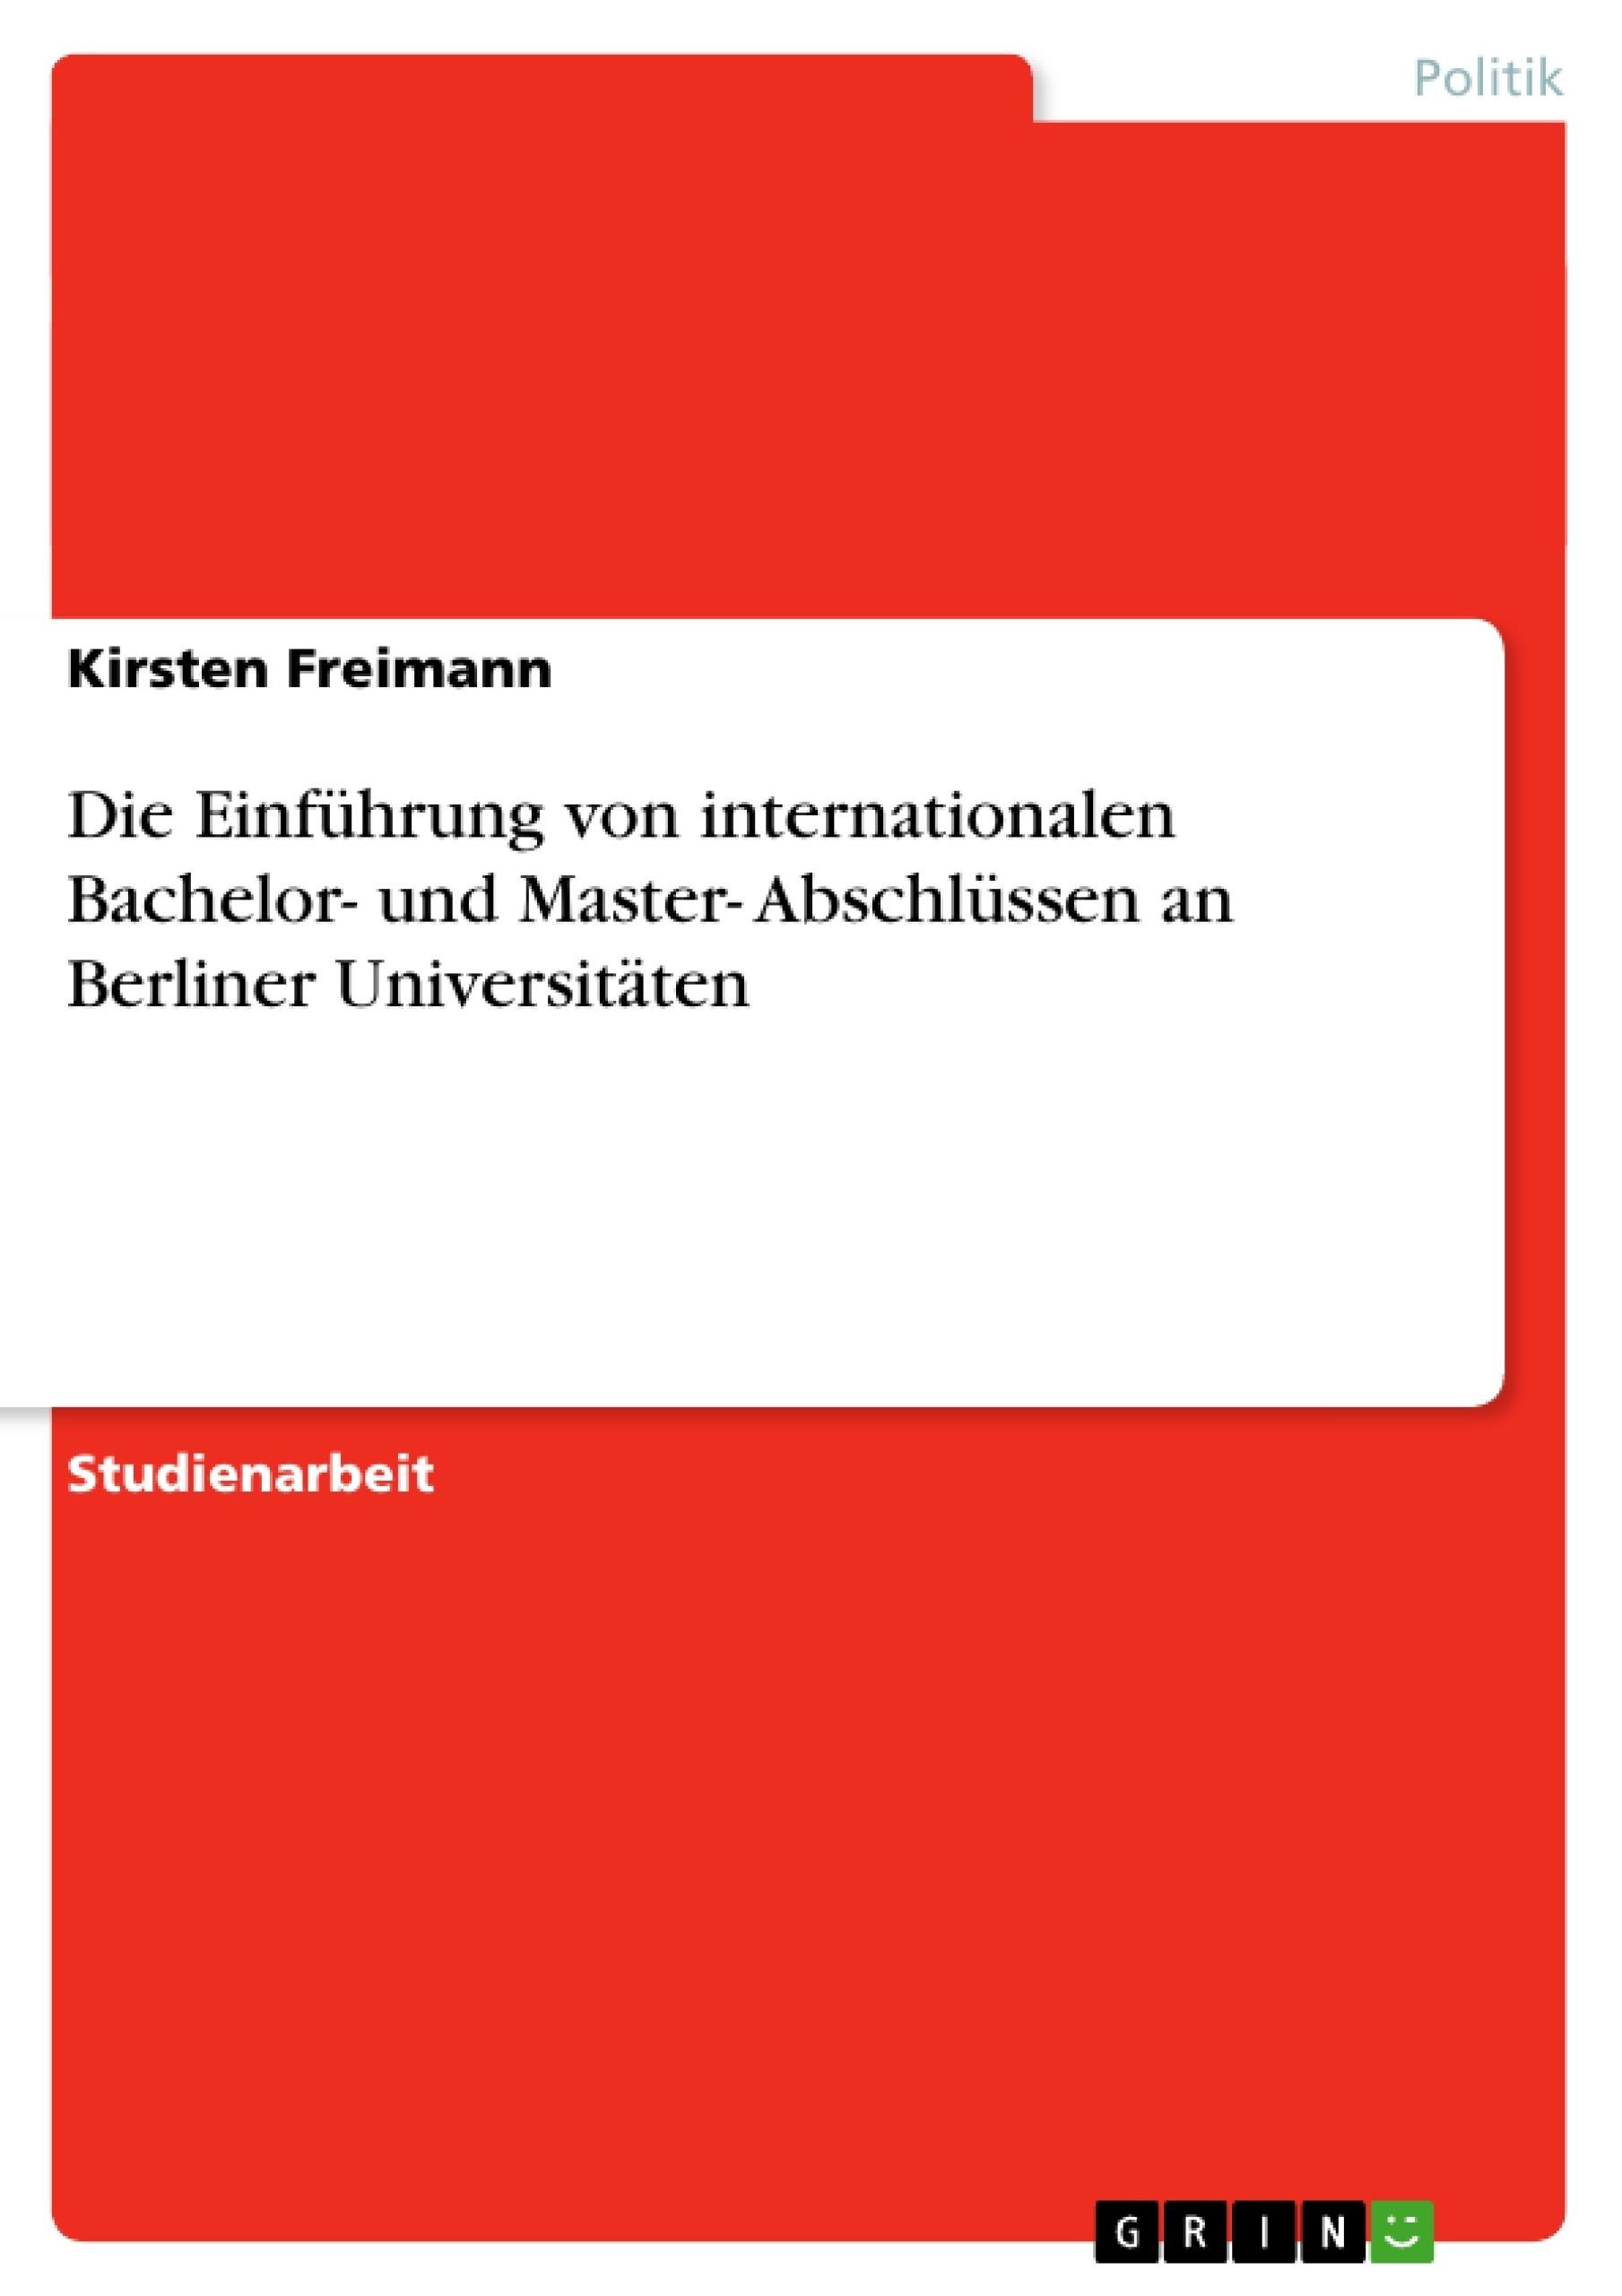 Titel: Die Einführung von internationalen Bachelor- und Master- Abschlüssen an Berliner Universitäten